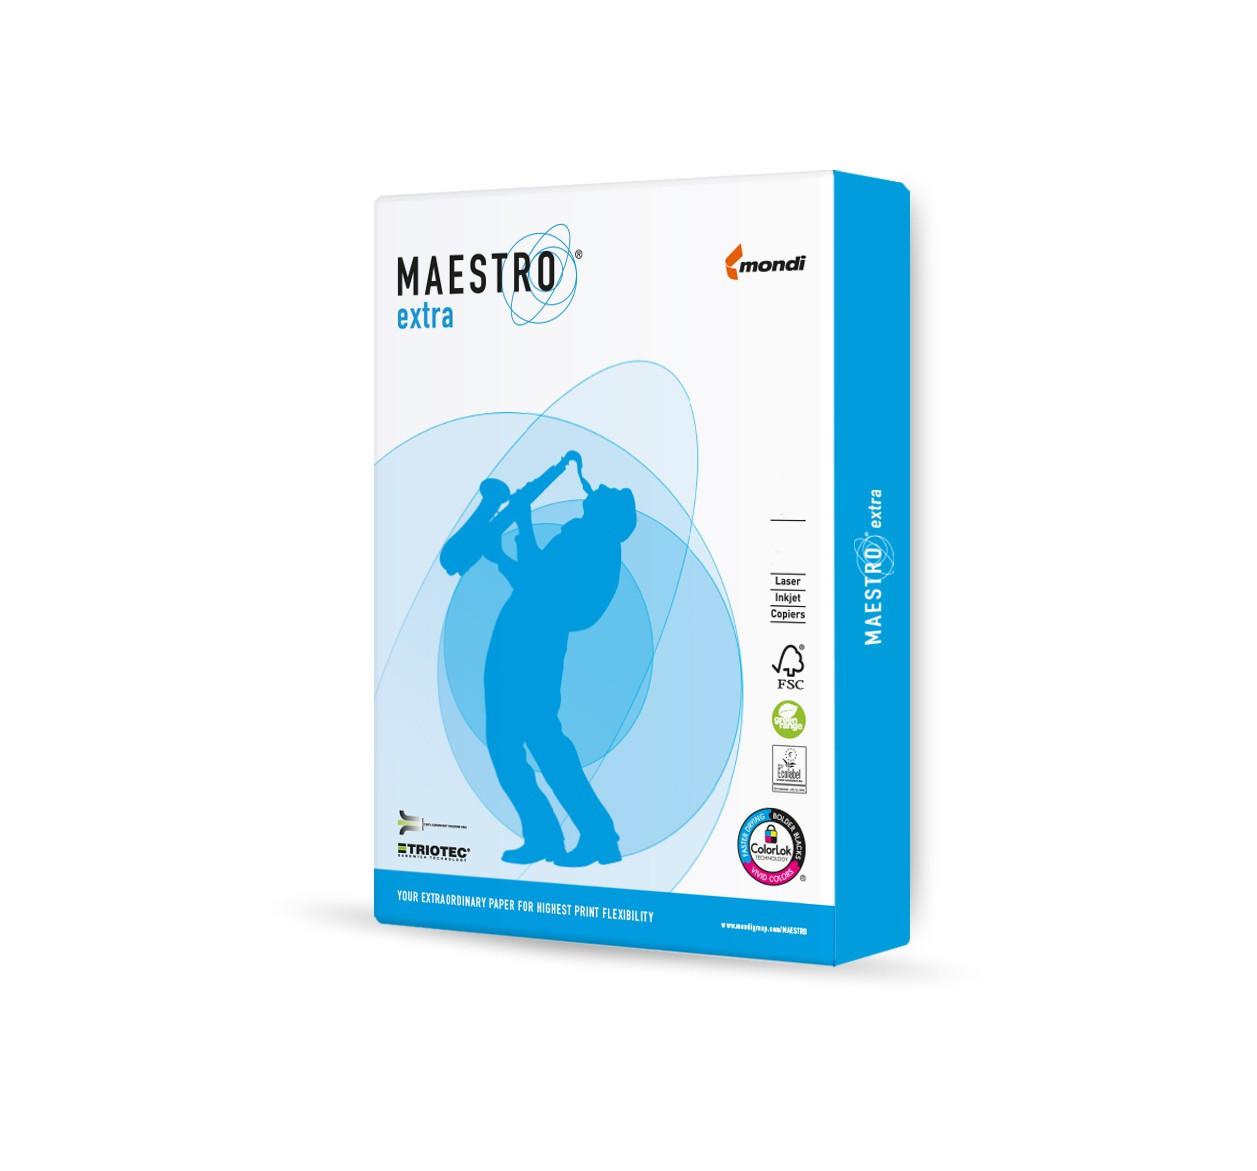 Vorschau: Maestro Extra 80g/m² DIN-A4 - 500 Blatt weiß TrioTec